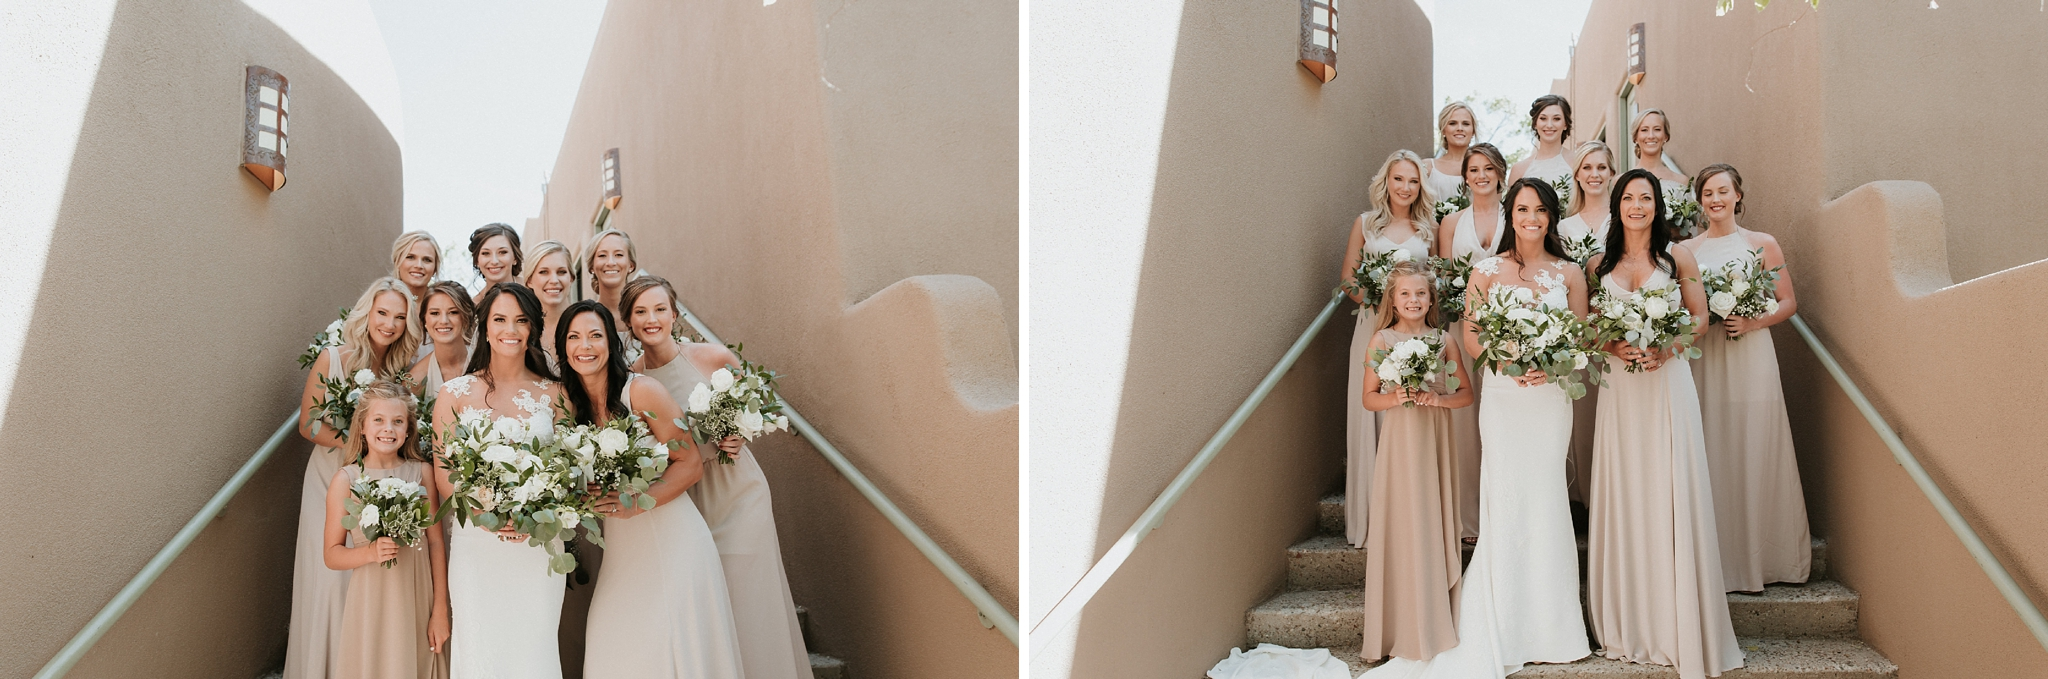 Alicia+lucia+photography+-+albuquerque+wedding+photographer+-+santa+fe+wedding+photography+-+new+mexico+wedding+photographer+-+new+mexico+wedding+-+new+mexico+wedding+-+colorado+wedding+-+bridesmaids+-+bridesmaid+style_0031.jpg